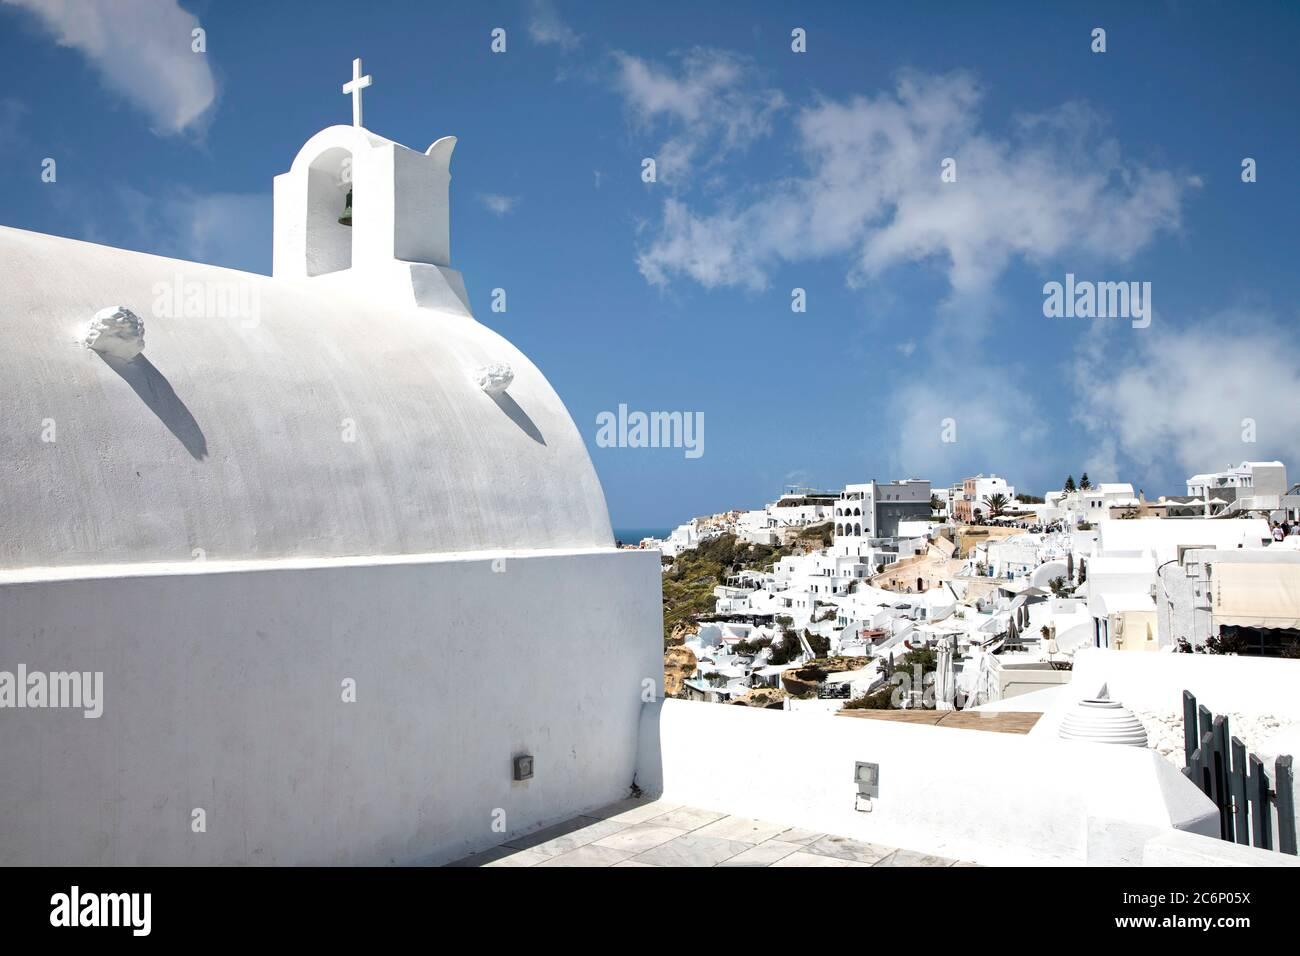 Eine der vielen kleinen Kirchen im Dorf Oia auf Santorini, Griechenland. Stockfoto